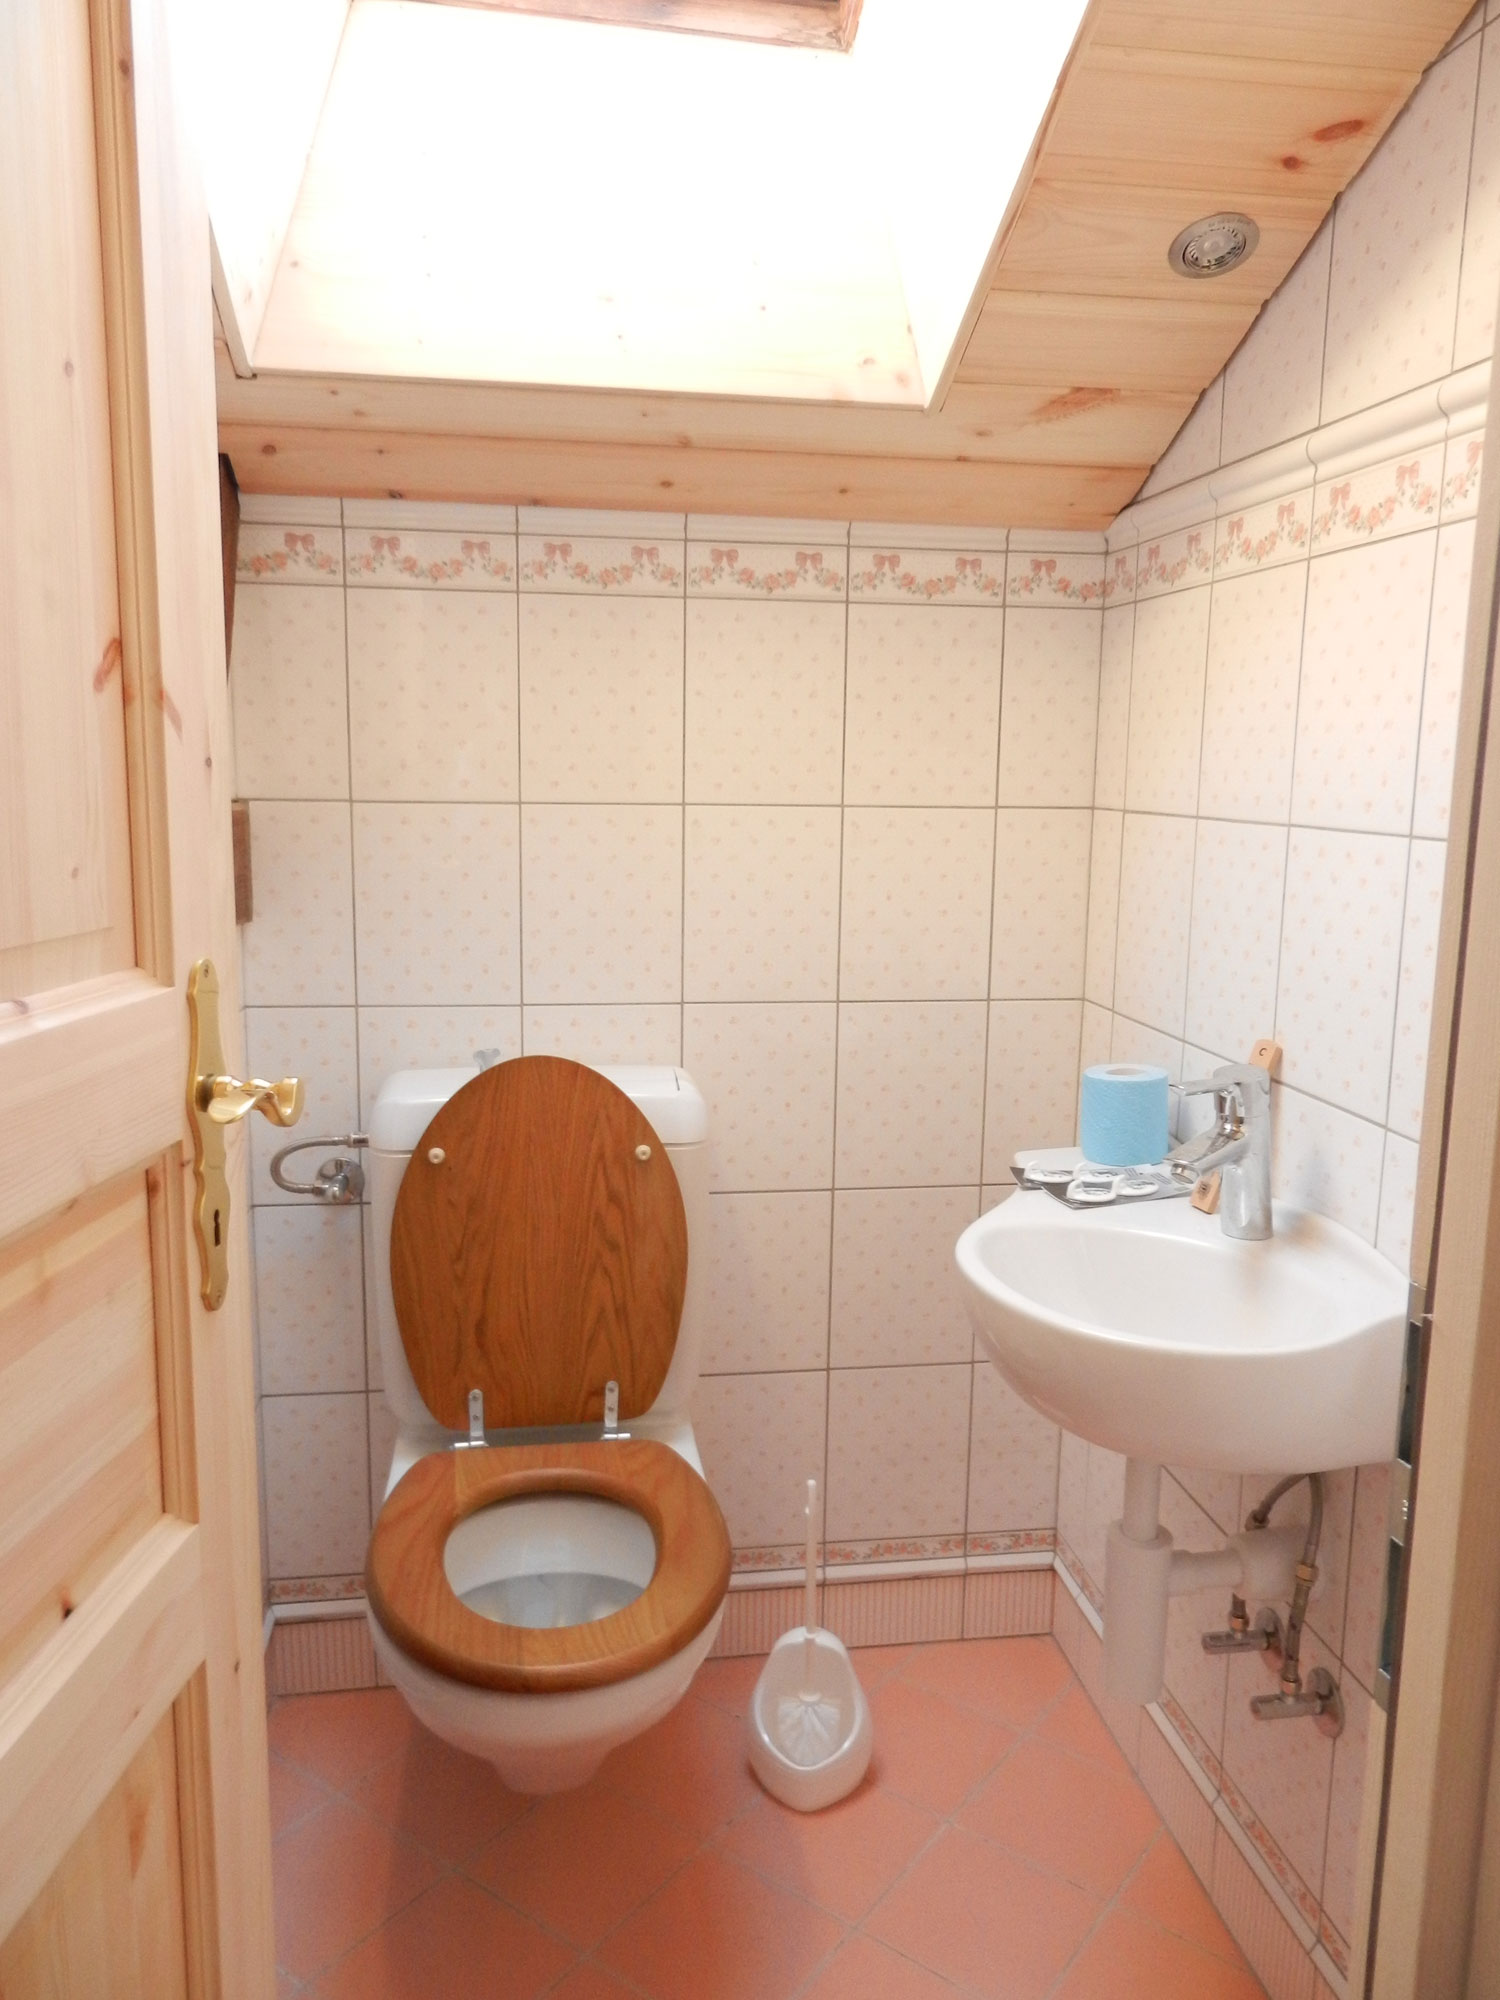 Agencement de salle de bain nouveaux mod les de maison for Agencement de salle de bain